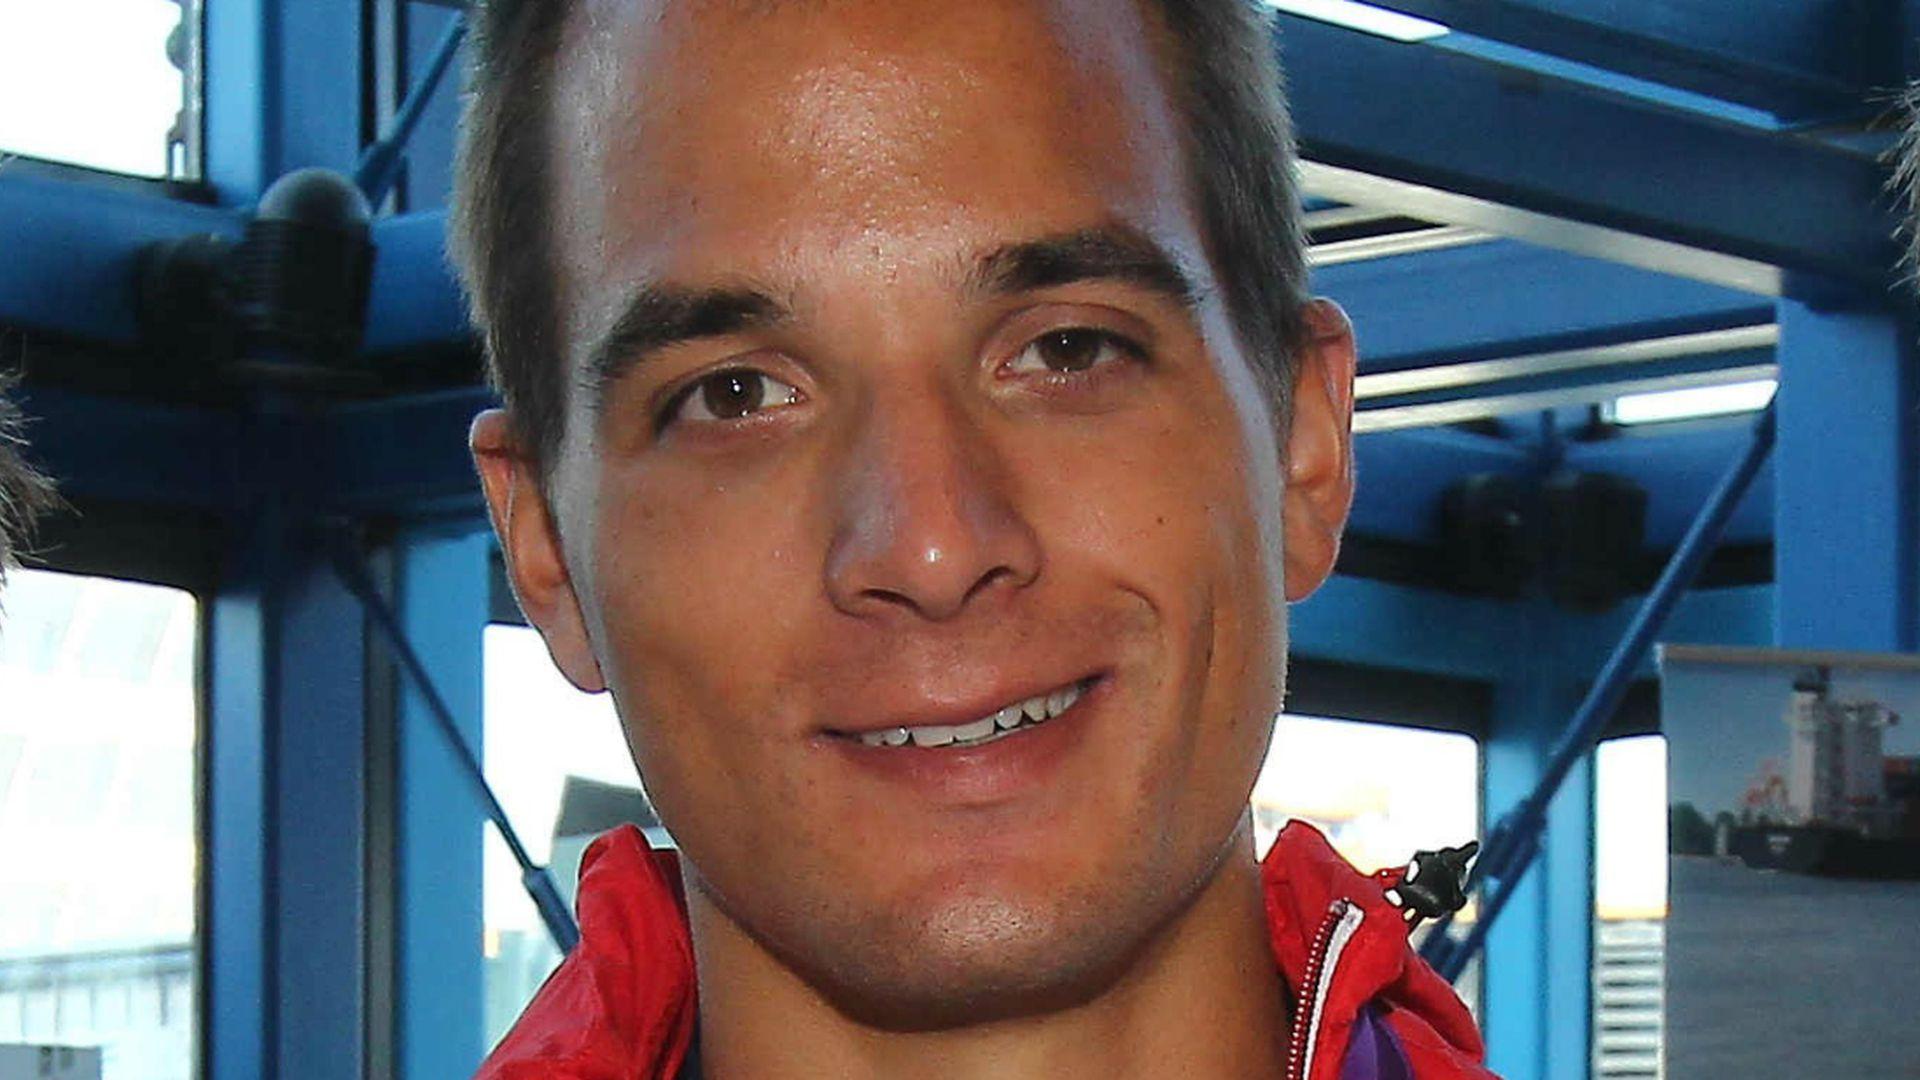 Maximilian Reinelt: Olympiasieger Maximilian Reinelt Mit 30 Jahren Gestorben